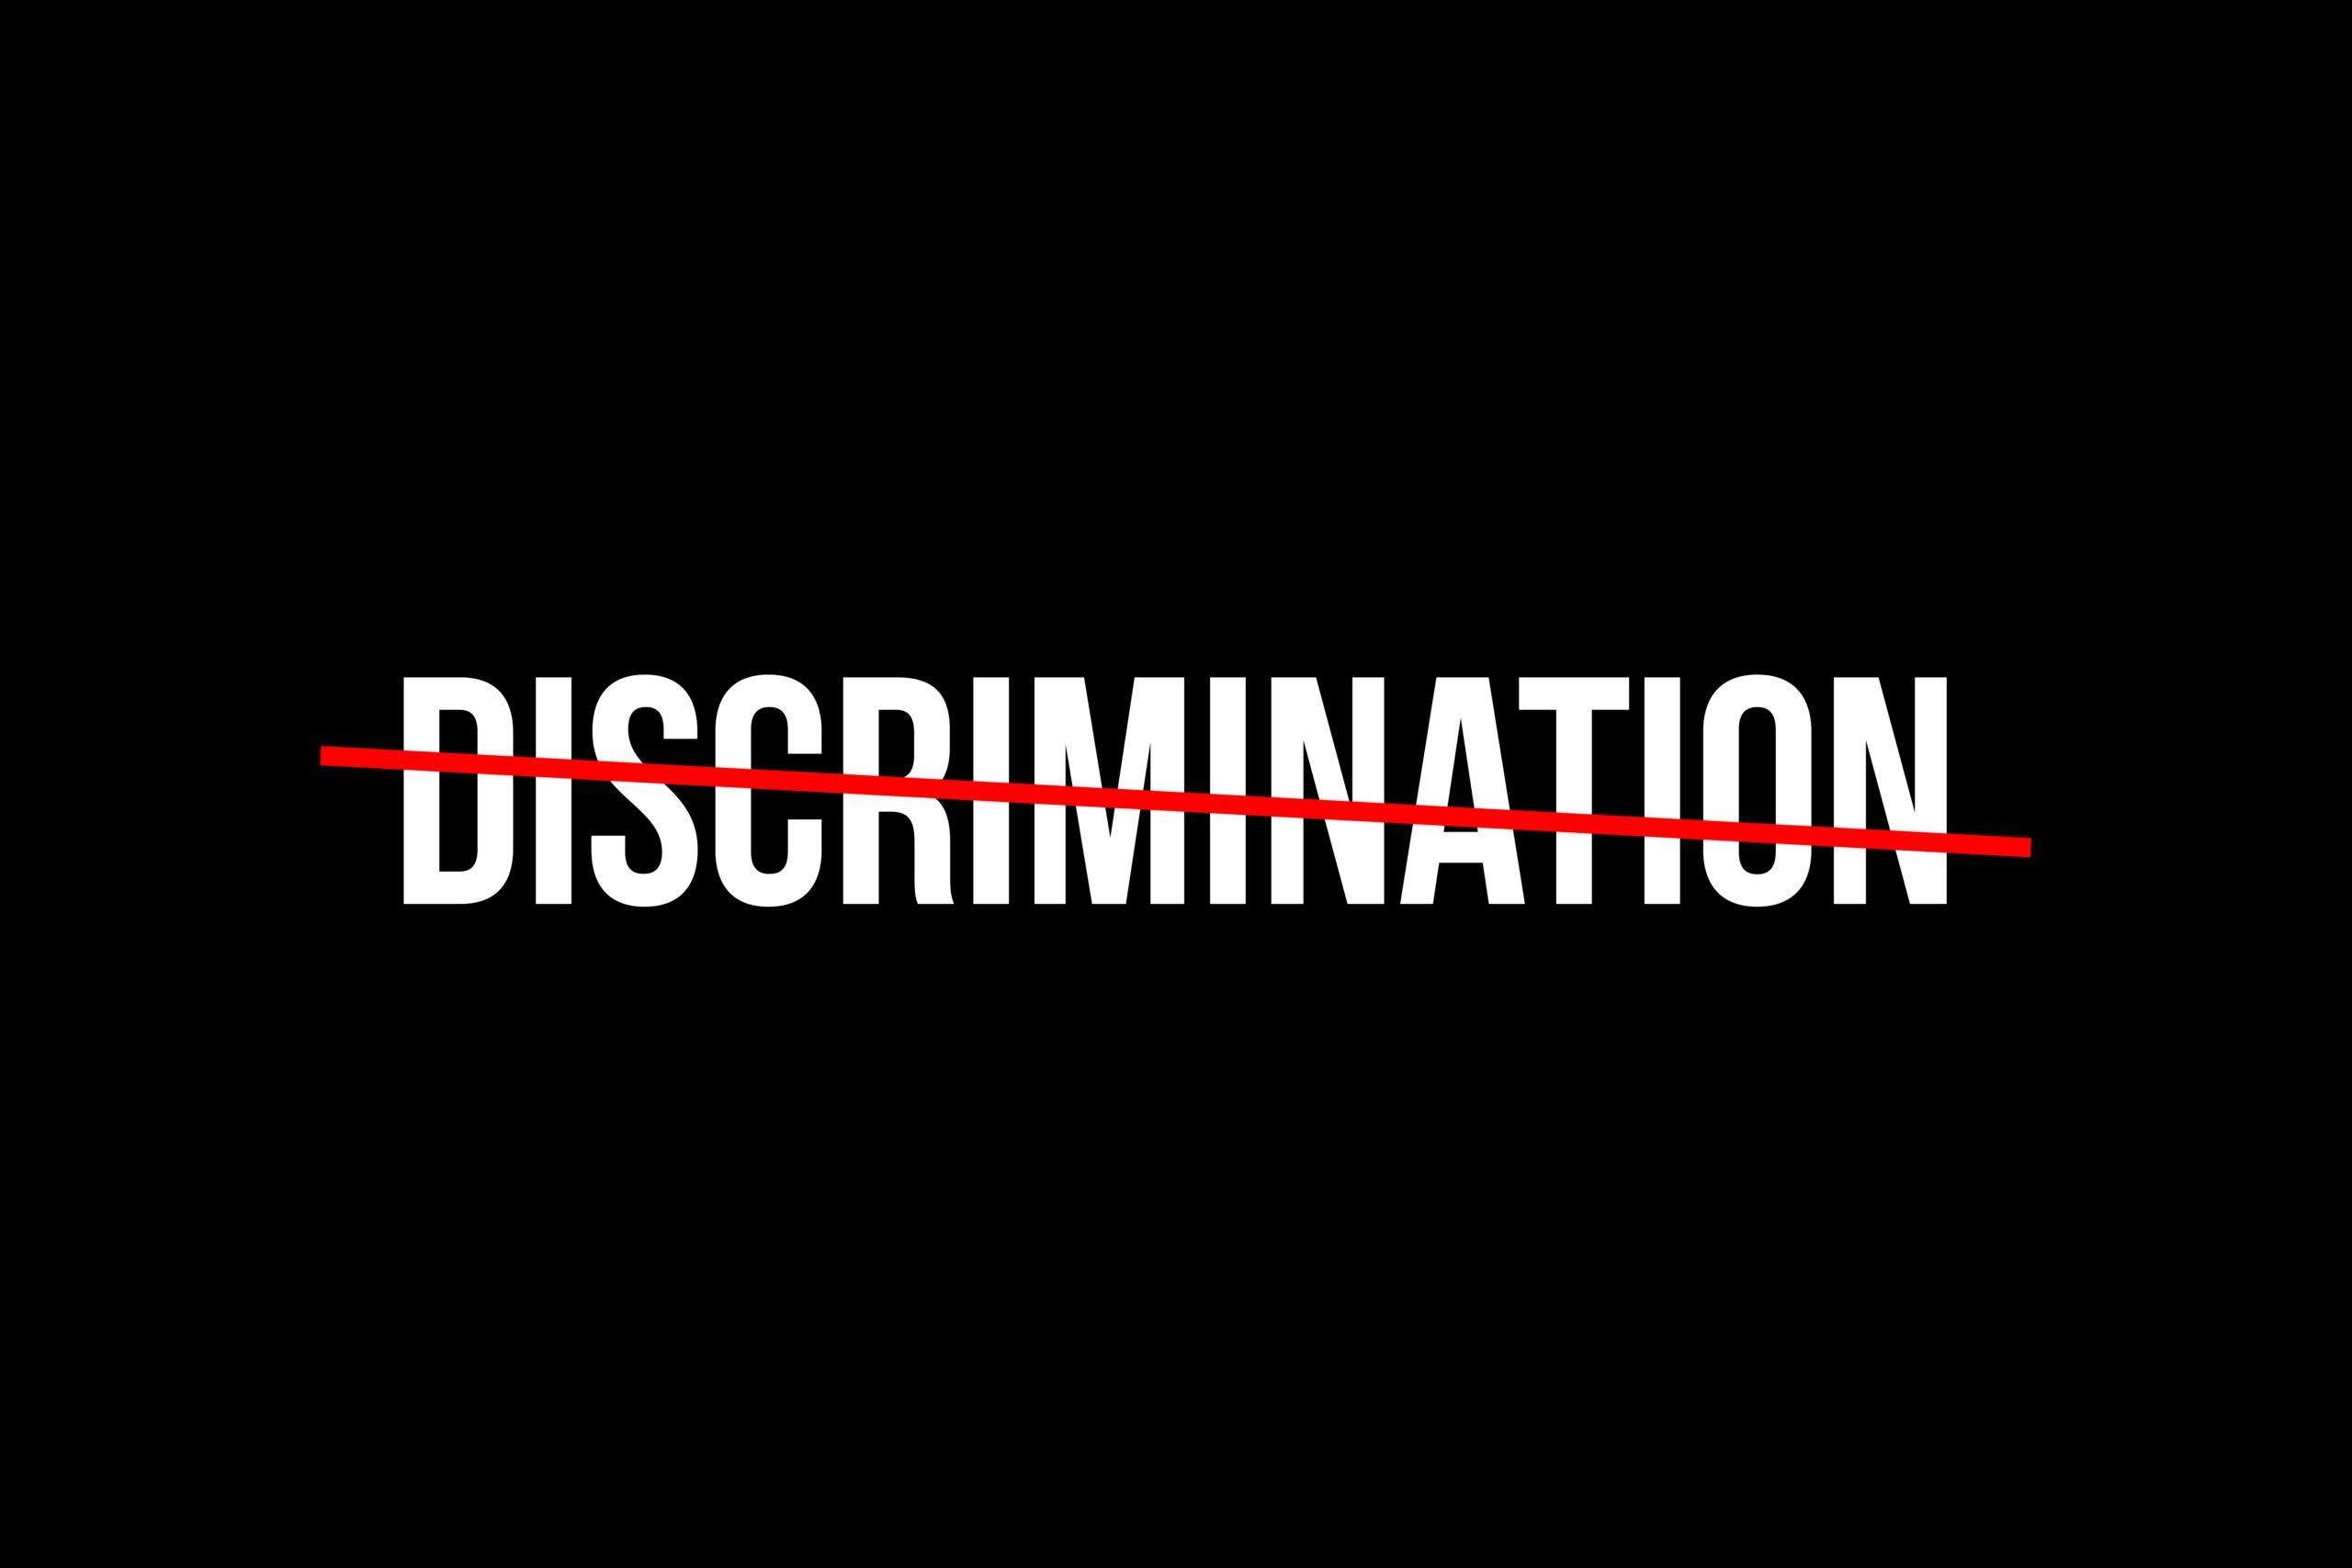 """Scritta """"Discrimination"""" bianca su sfondo nero, barrata in rosso"""